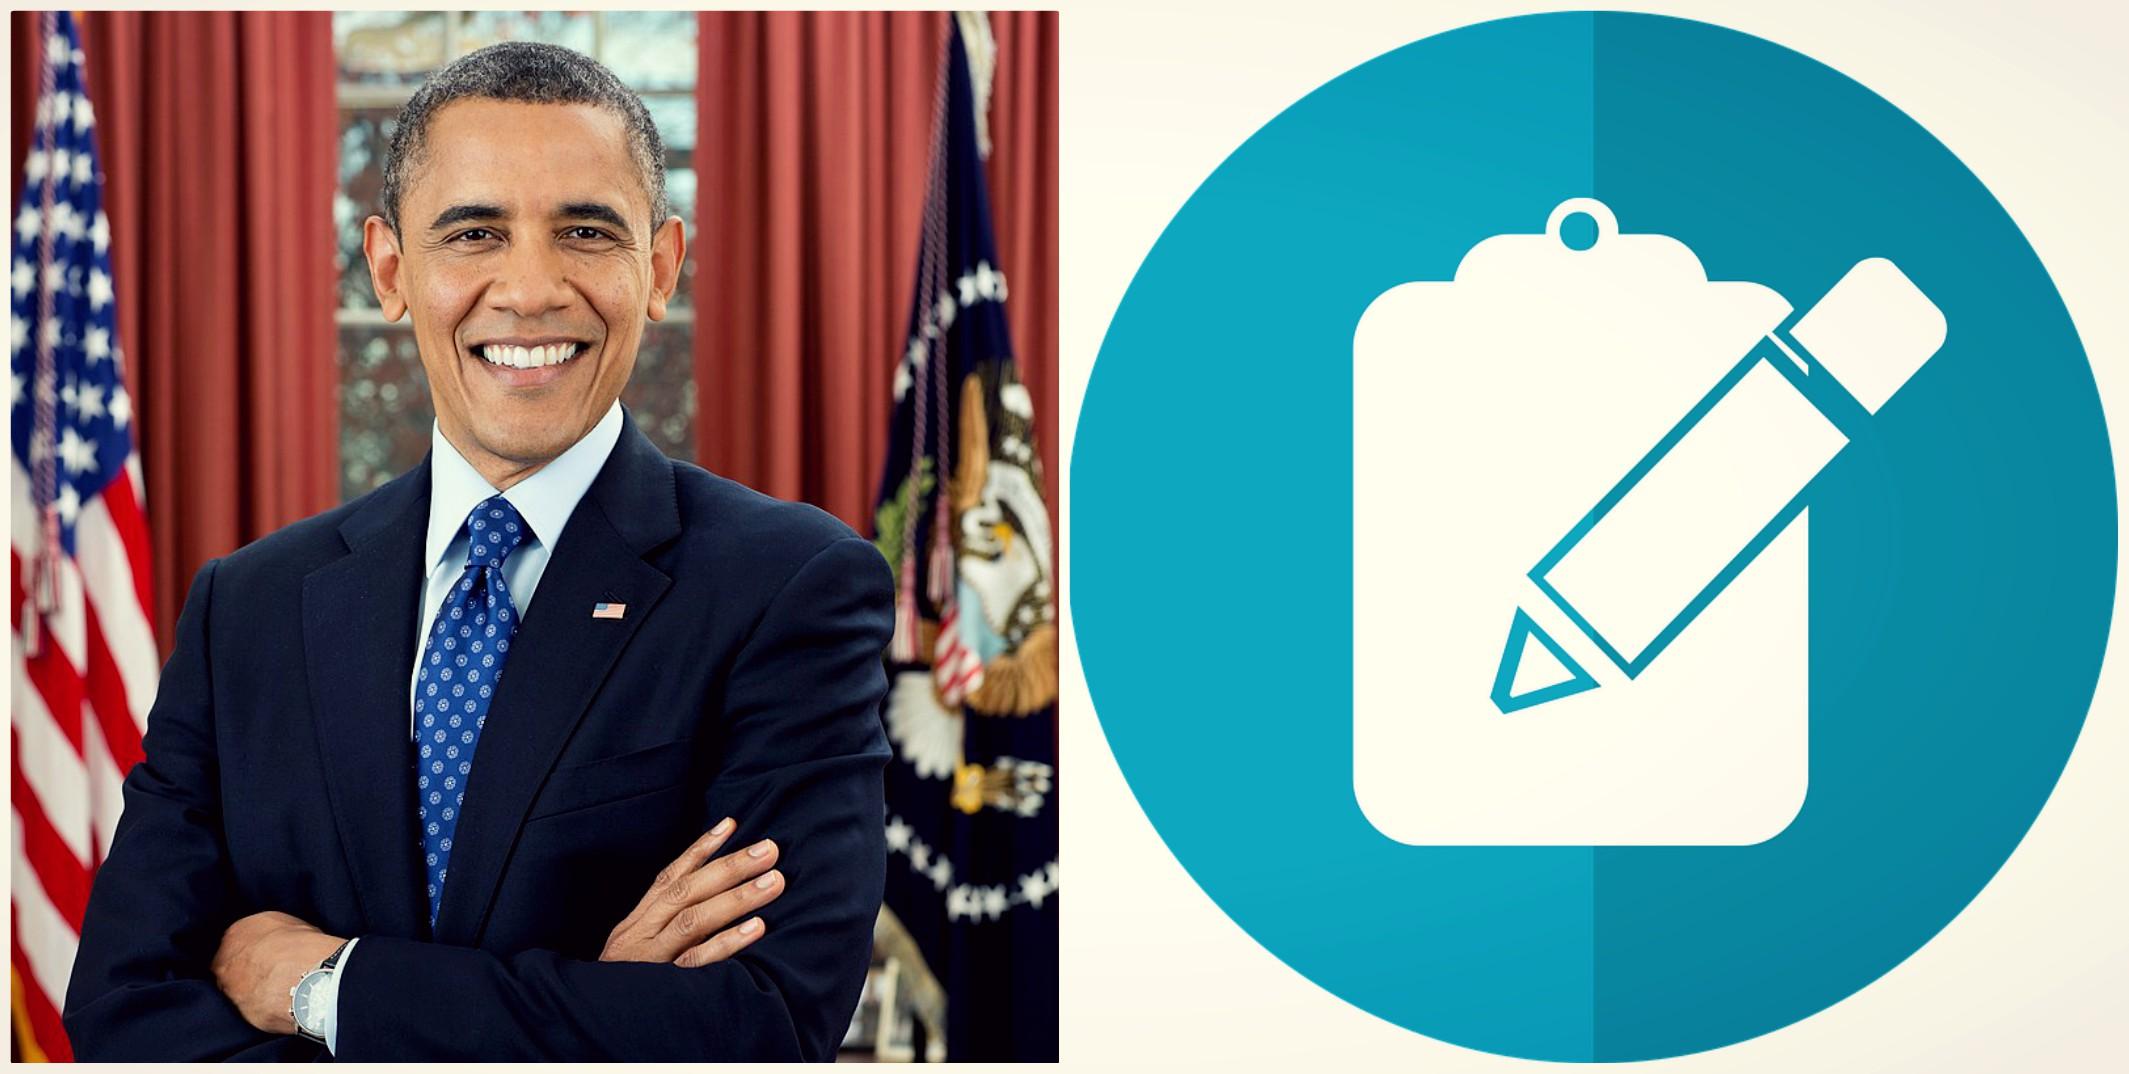 U.S. President Barack Obama and form icon, public domain